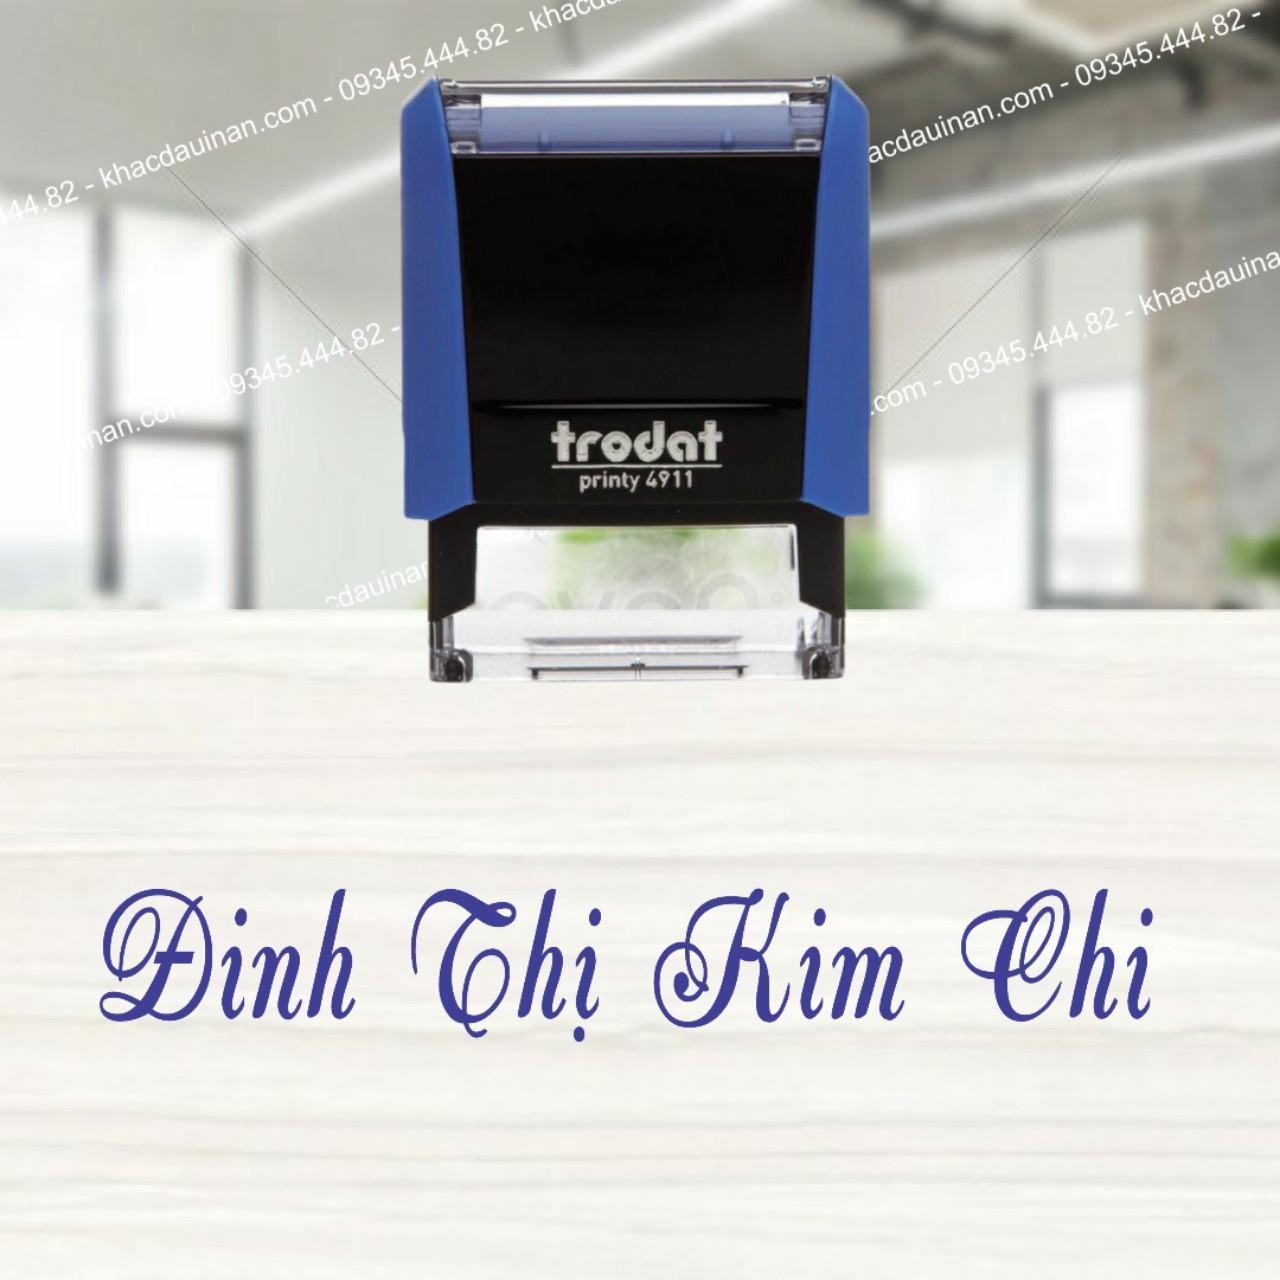 Khắc con dấu tên giá rẻ tại tphcm - hà nội, giảm giá với khách hàng làm số lượng nhiều, xuất hóa đơn VAT 10%.